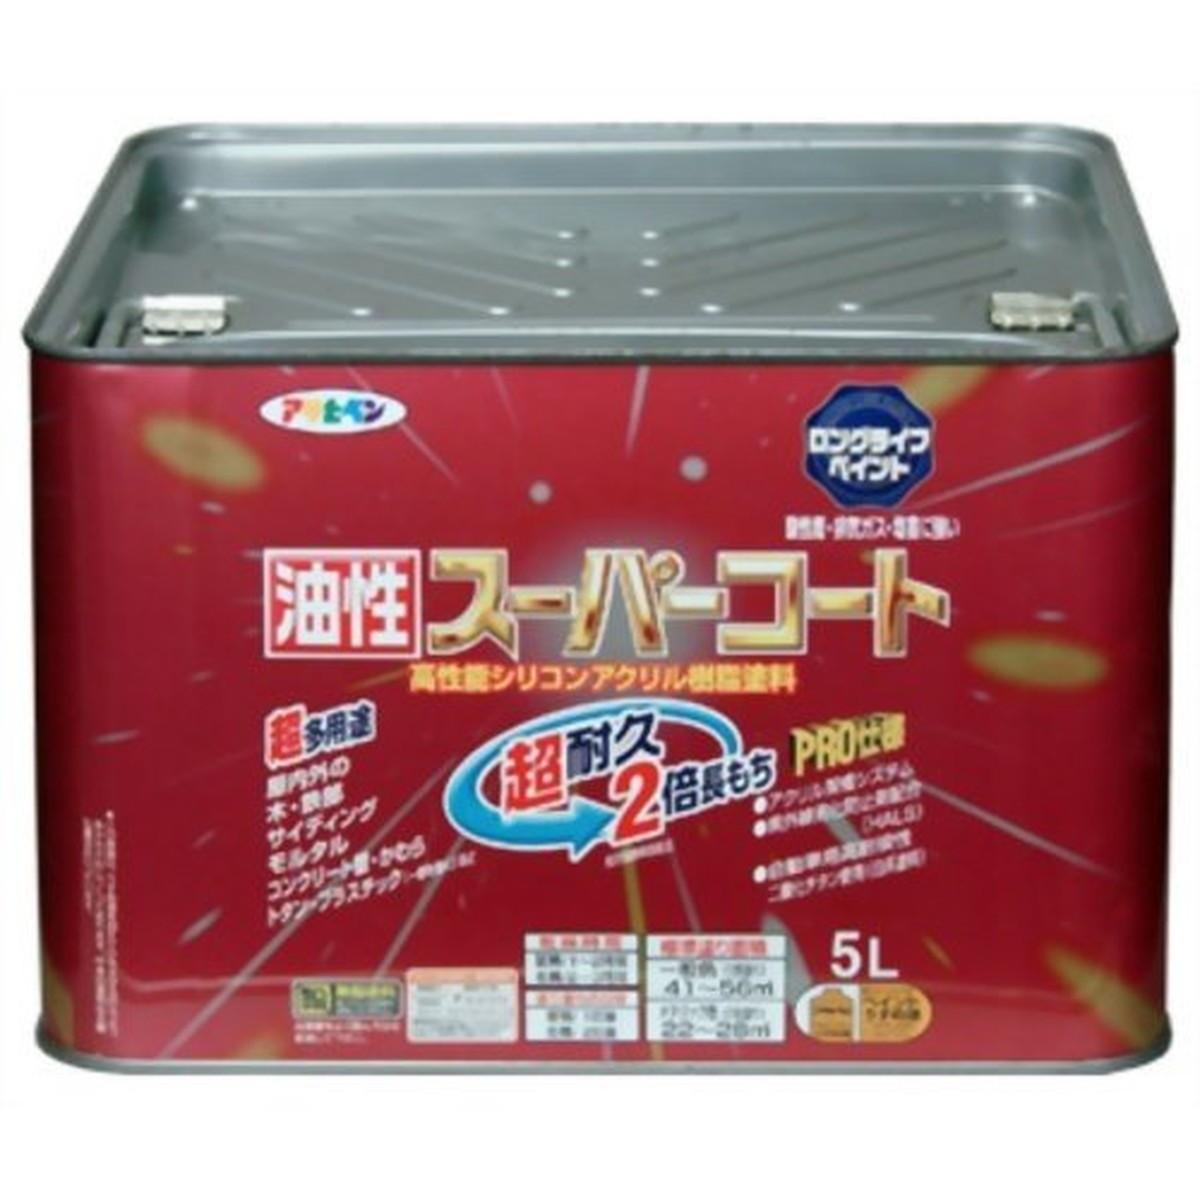 アサヒペン 油性スーパーコート 5L 空色【クーポン配布中】